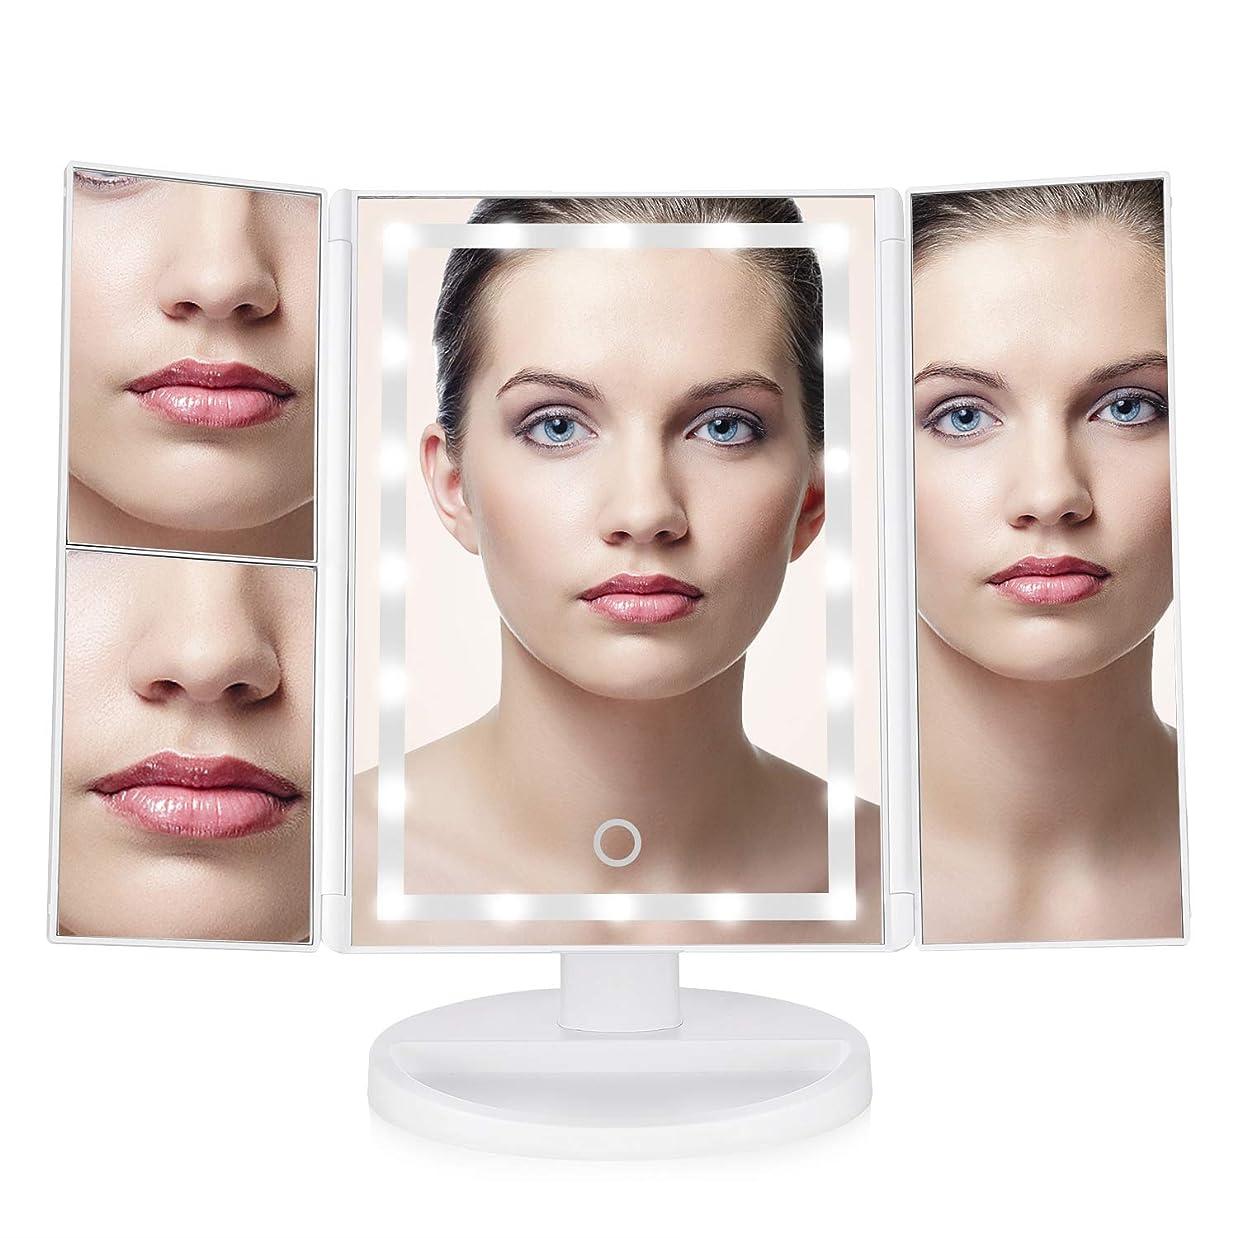 化粧鏡 化粧ミラー 鏡 三面鏡 女優ミラー 卓上 折りたたみ 拡大鏡 2&3倍 ライトの明るさを調節可能 180°回転